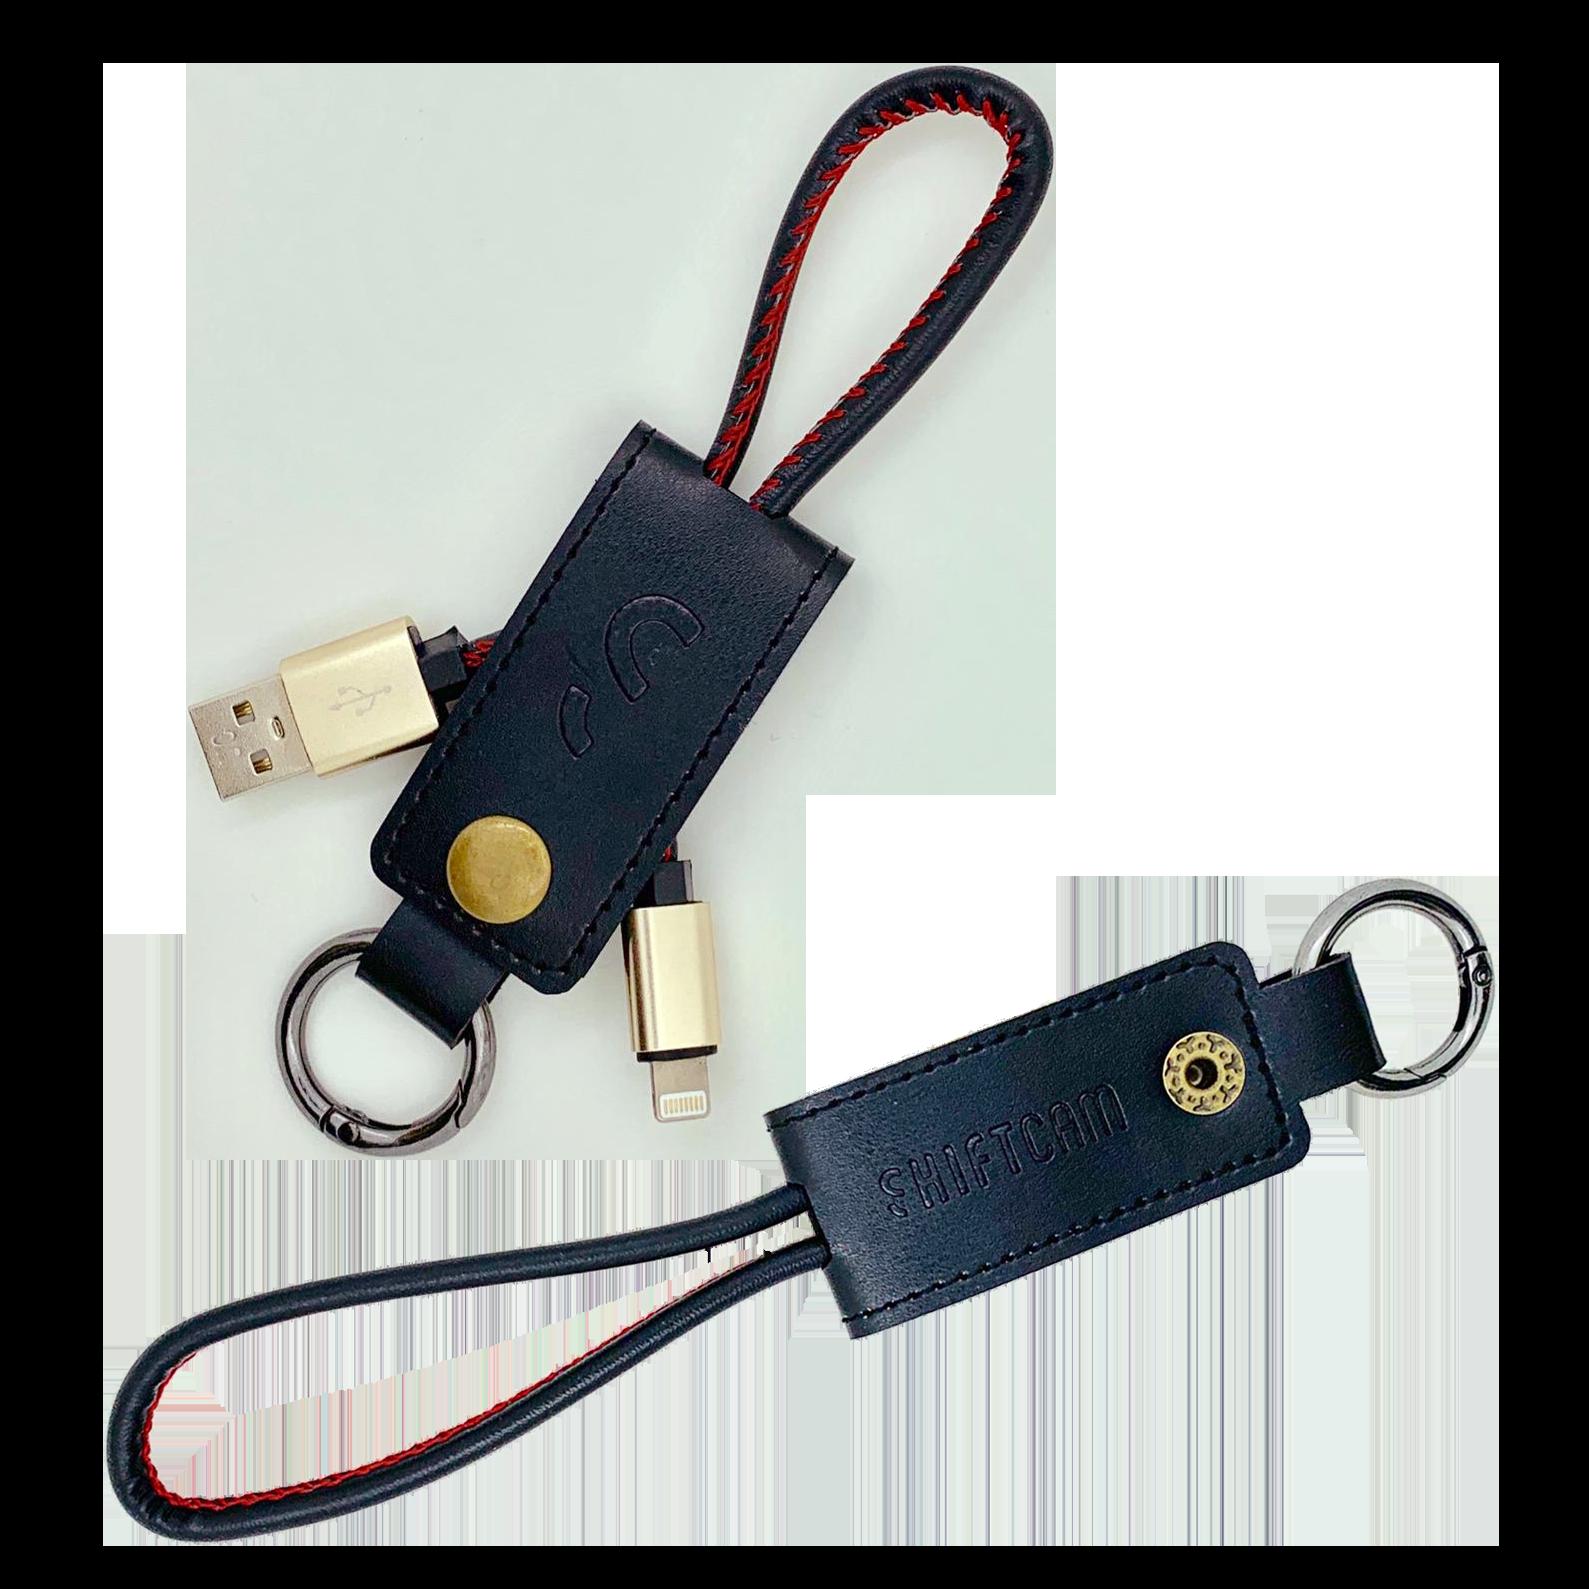 ShiftCamロゴ入りライトニングケーブル付きキーホルダー